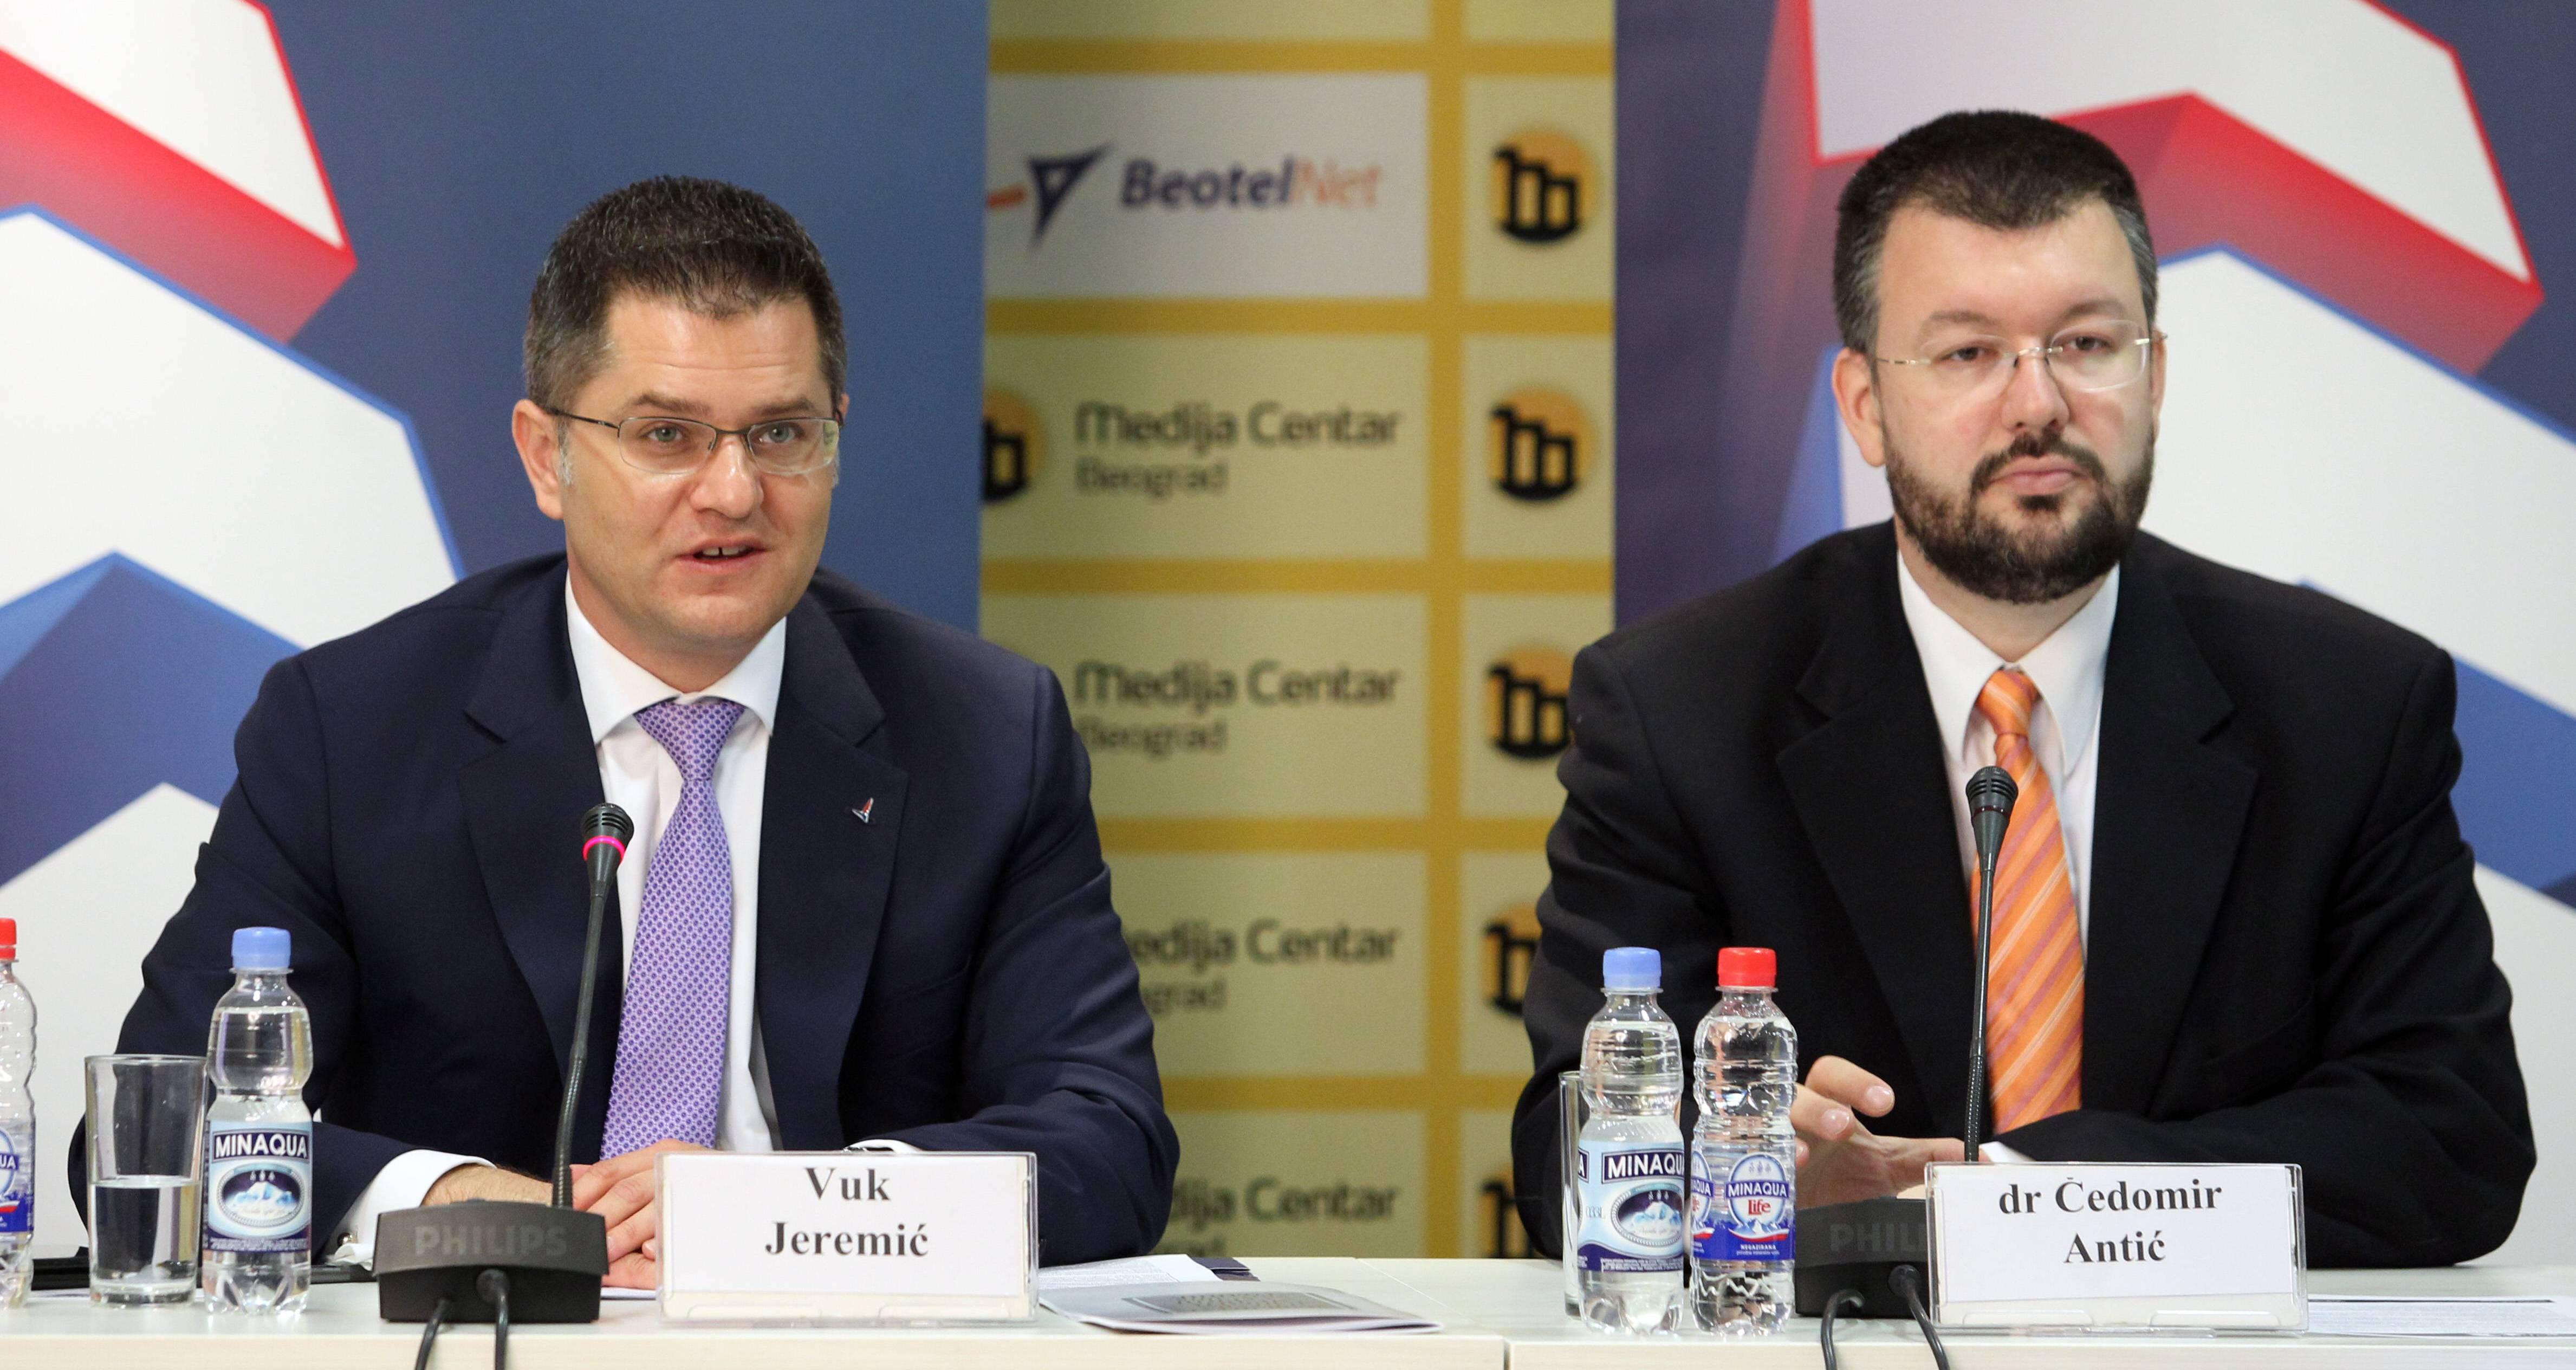 Јеремић: Катастрофална ситуација у области медијских слобода је право лице напредњачког режима